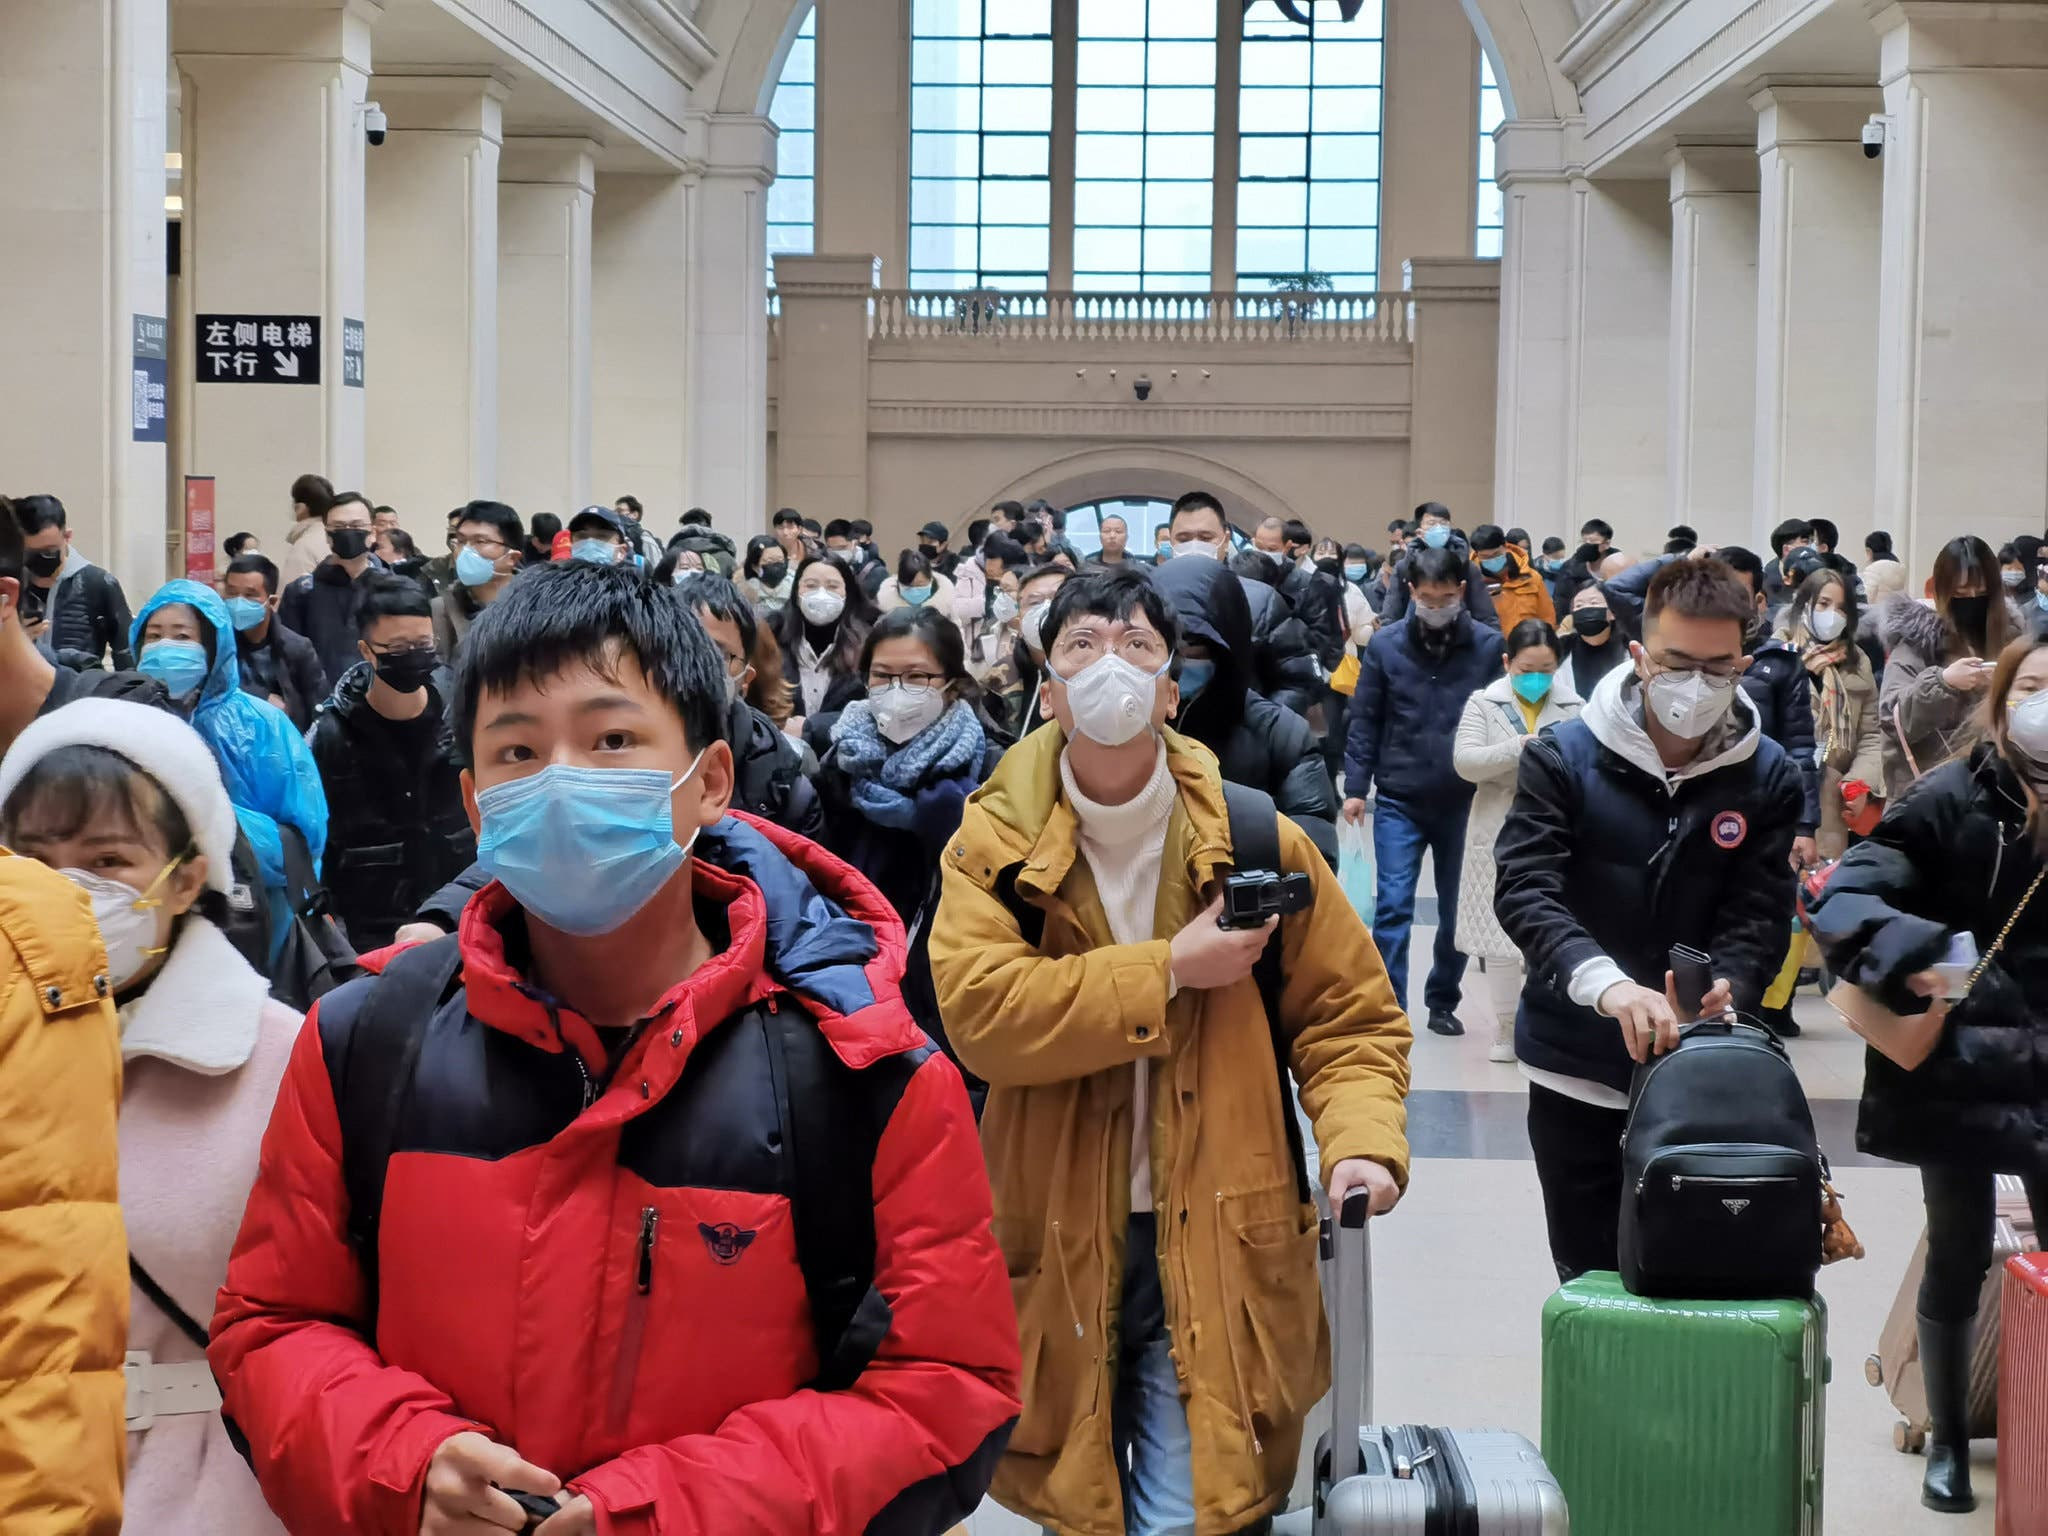 مدينة ووهان الصينية تحت حصار الفيروس